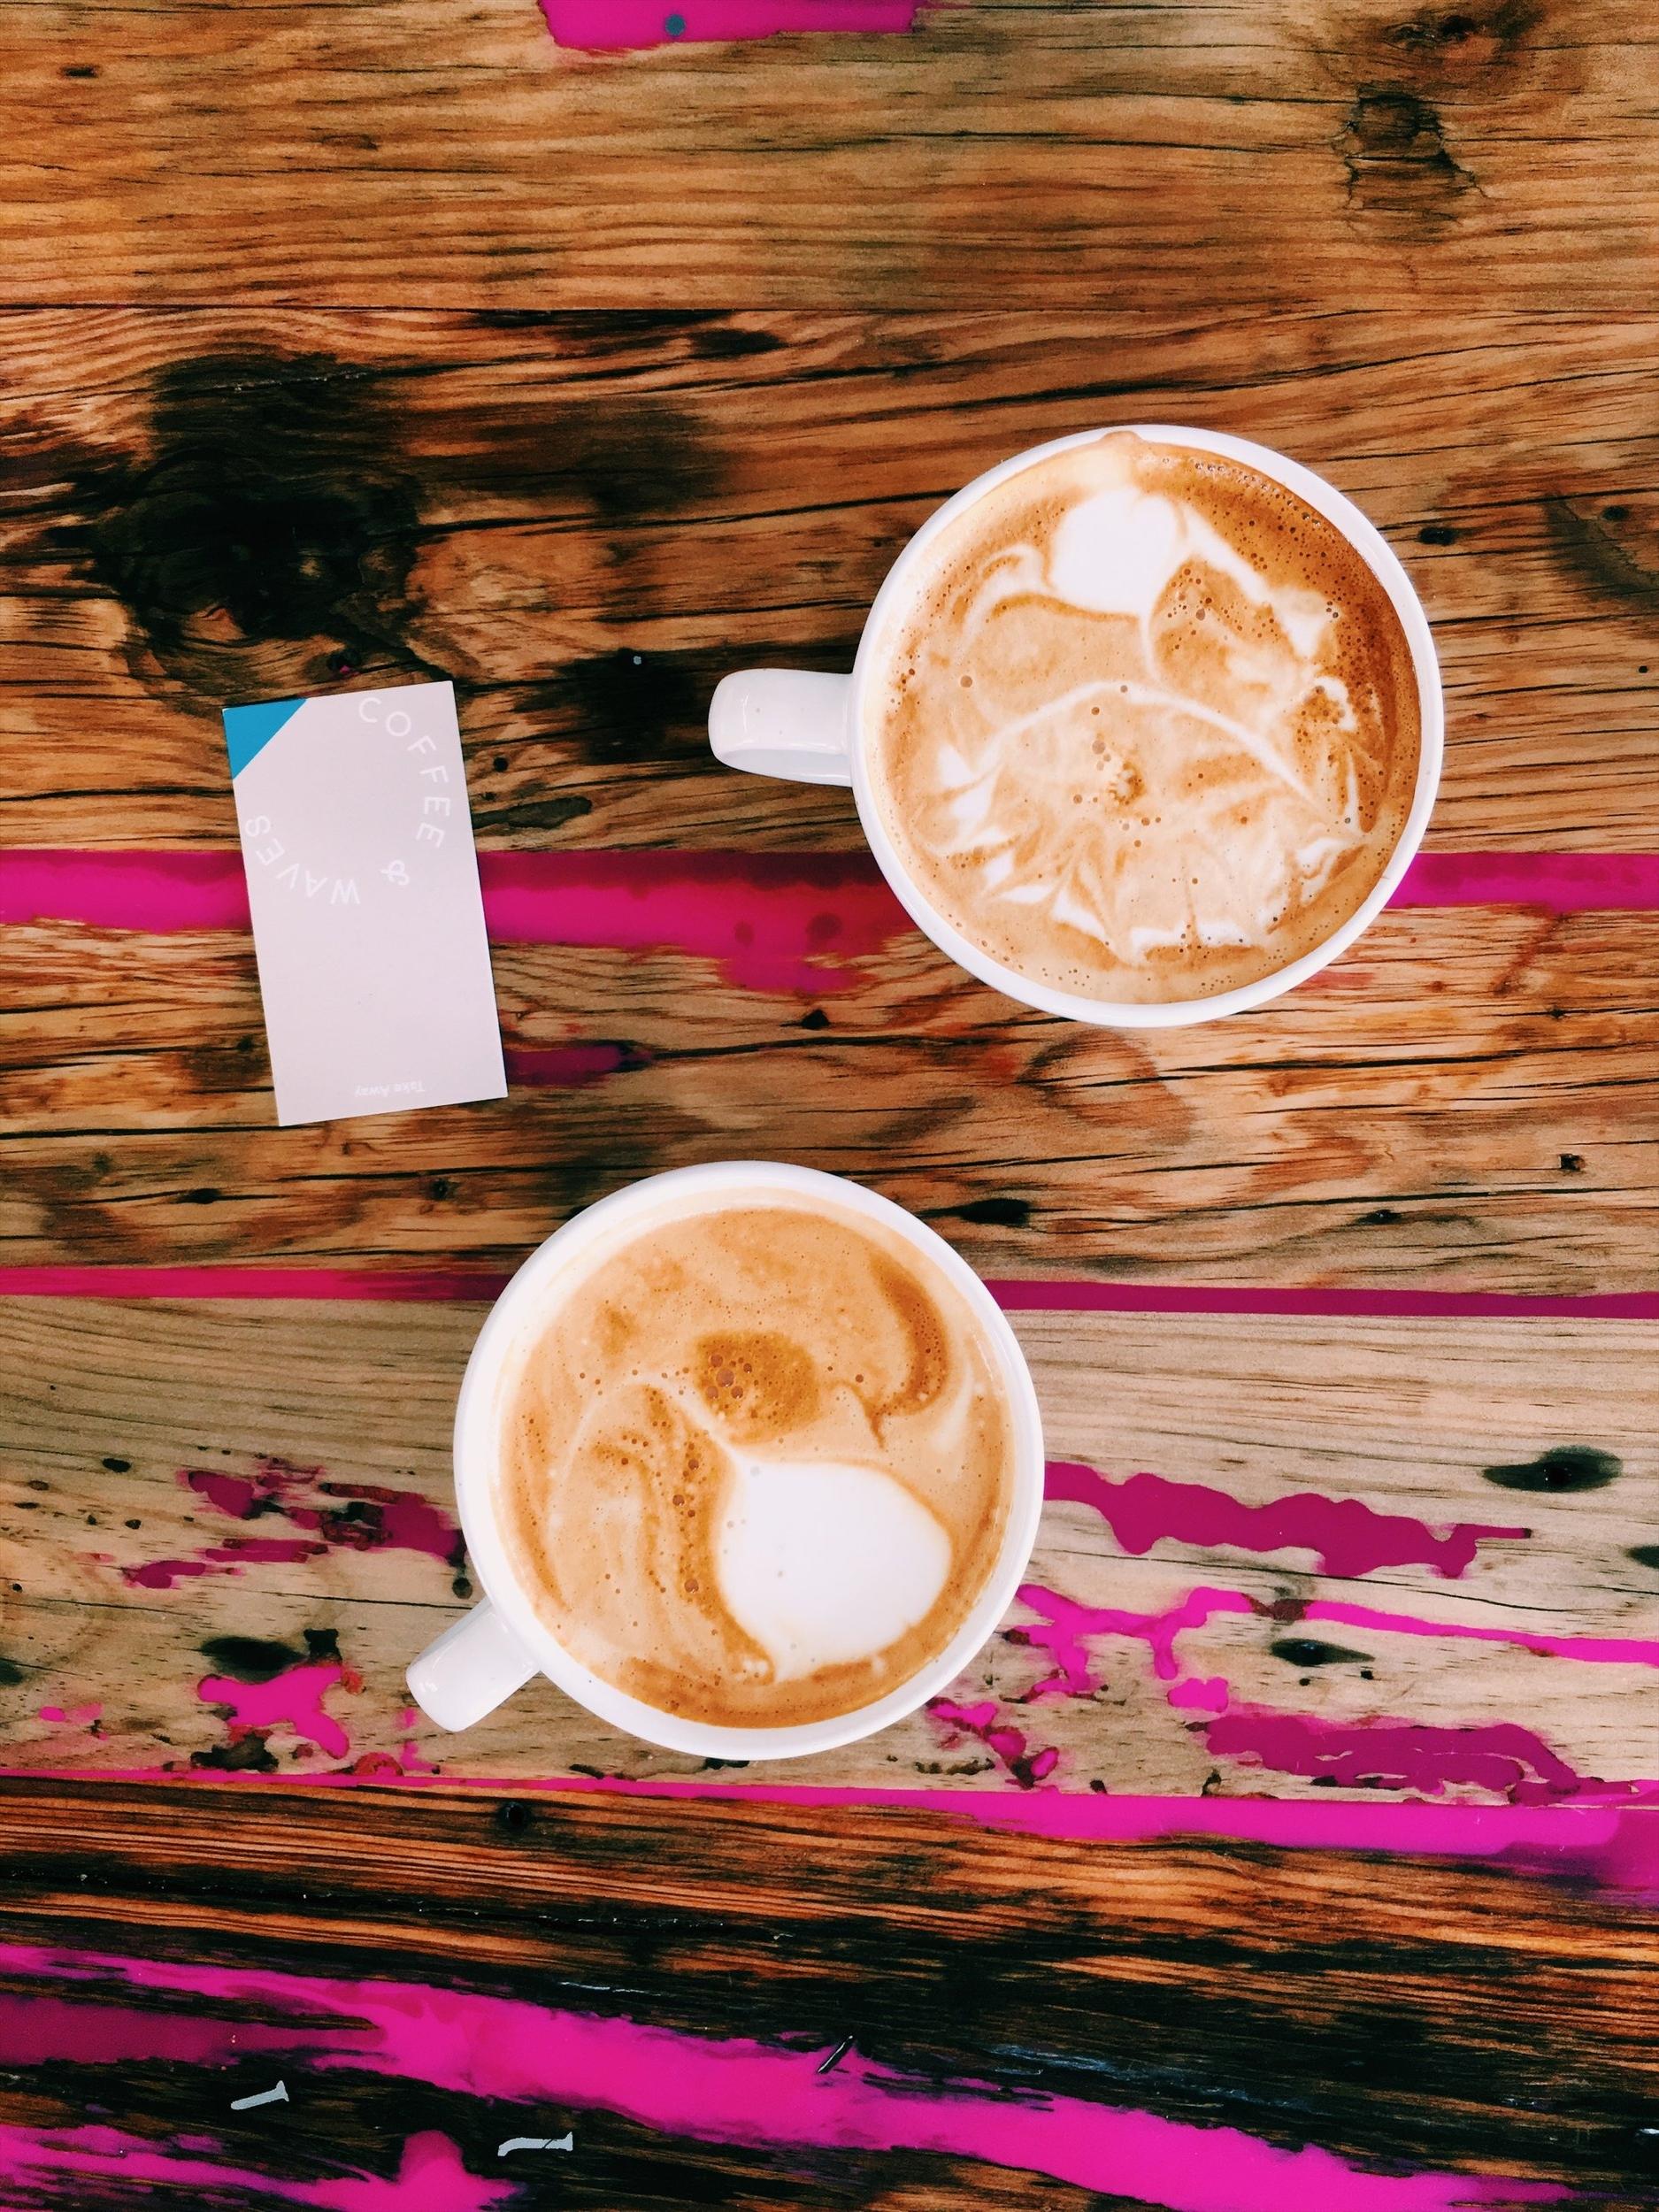 Best-coffee-places-Lagos.jpg